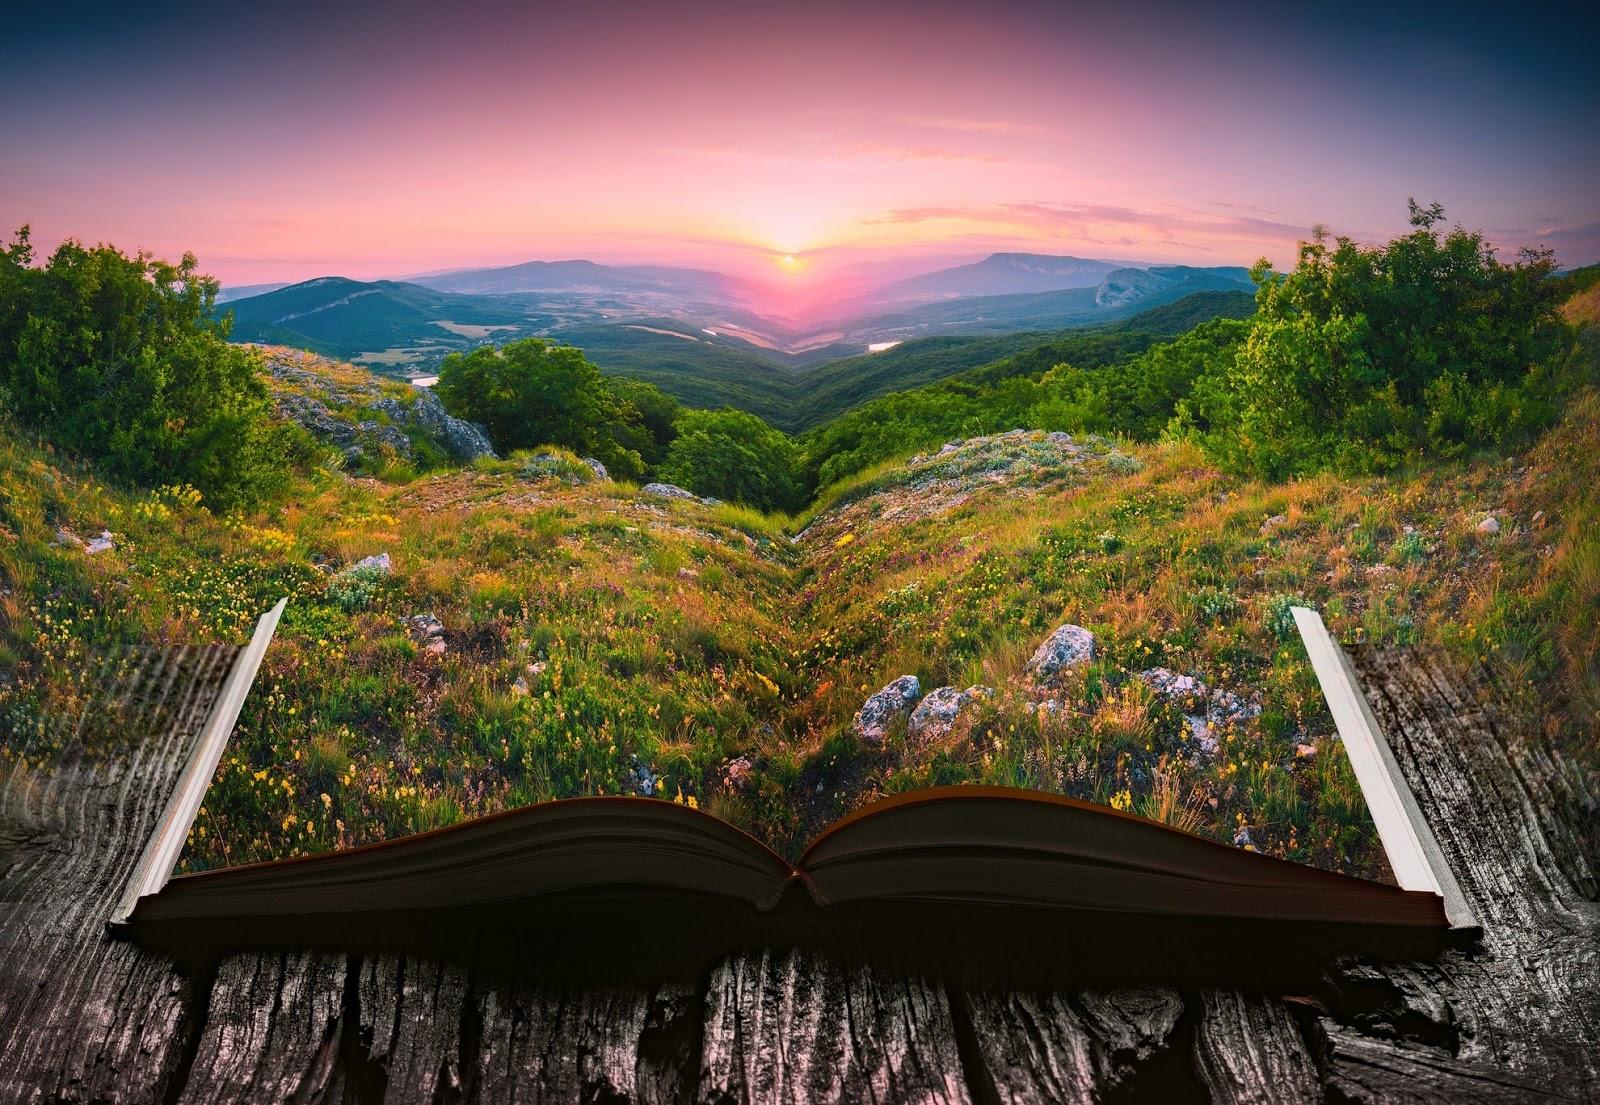 اجمل الصور مناظر طبيعية Hd Tabiea Blog